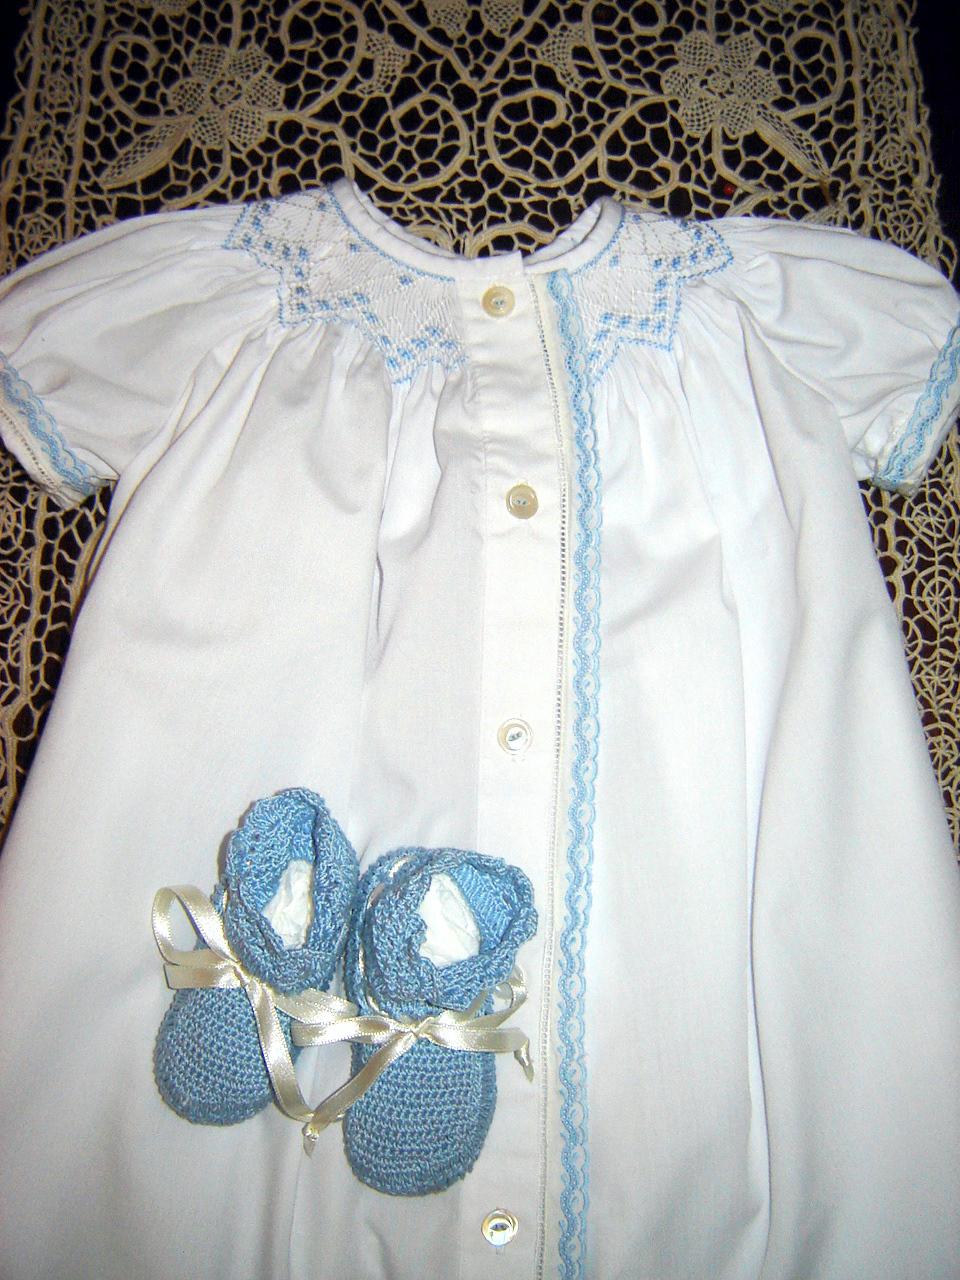 Smocked Boy Daygown Janice Ferguson Sews